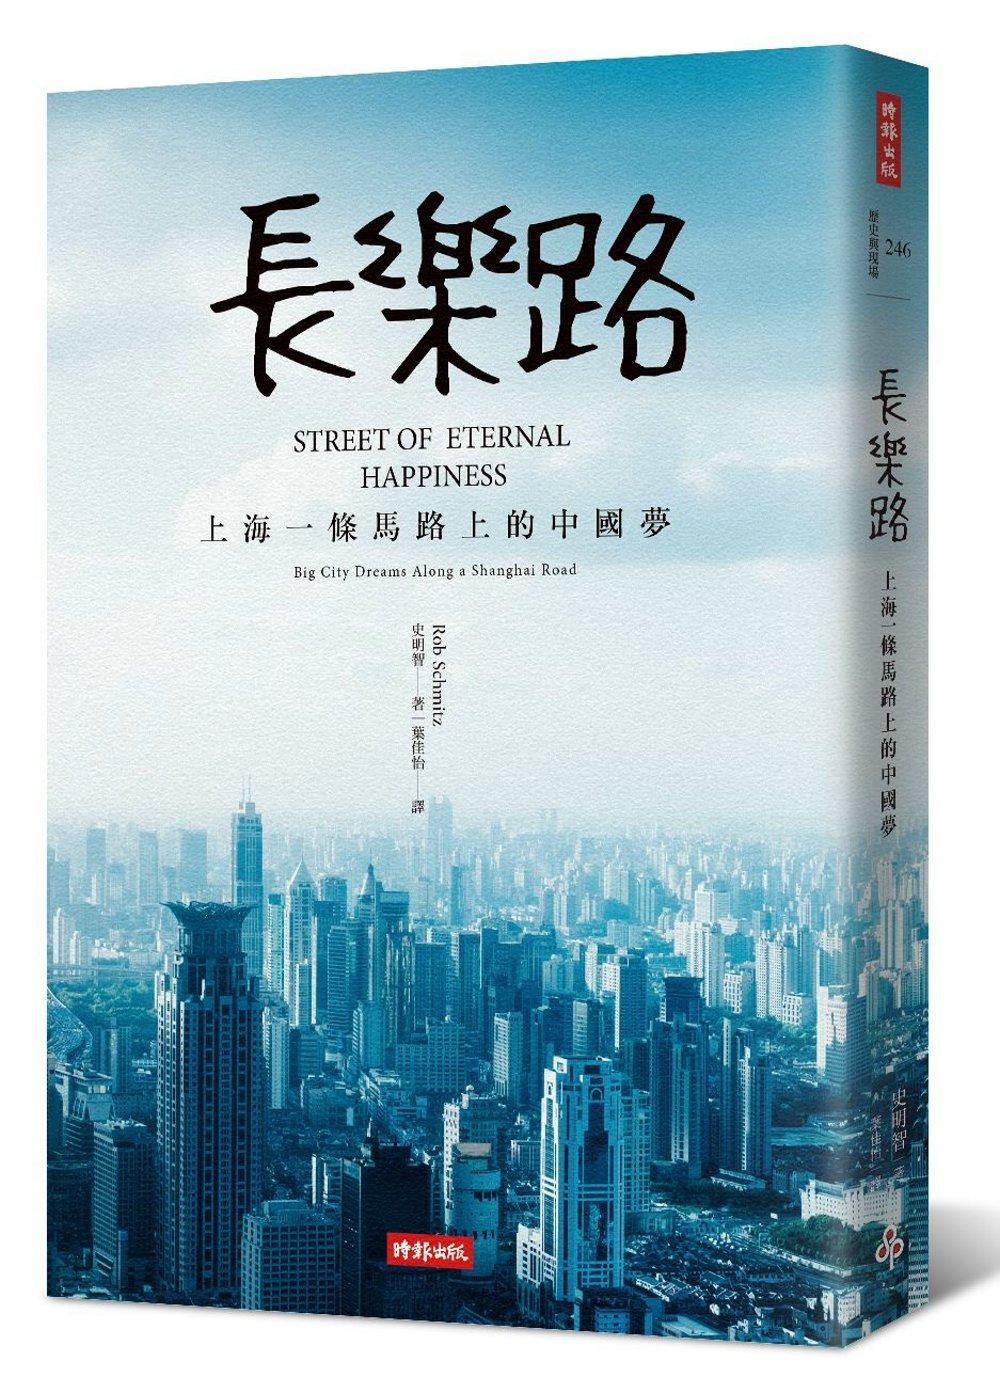 長樂路:上海一條馬路上的中國夢